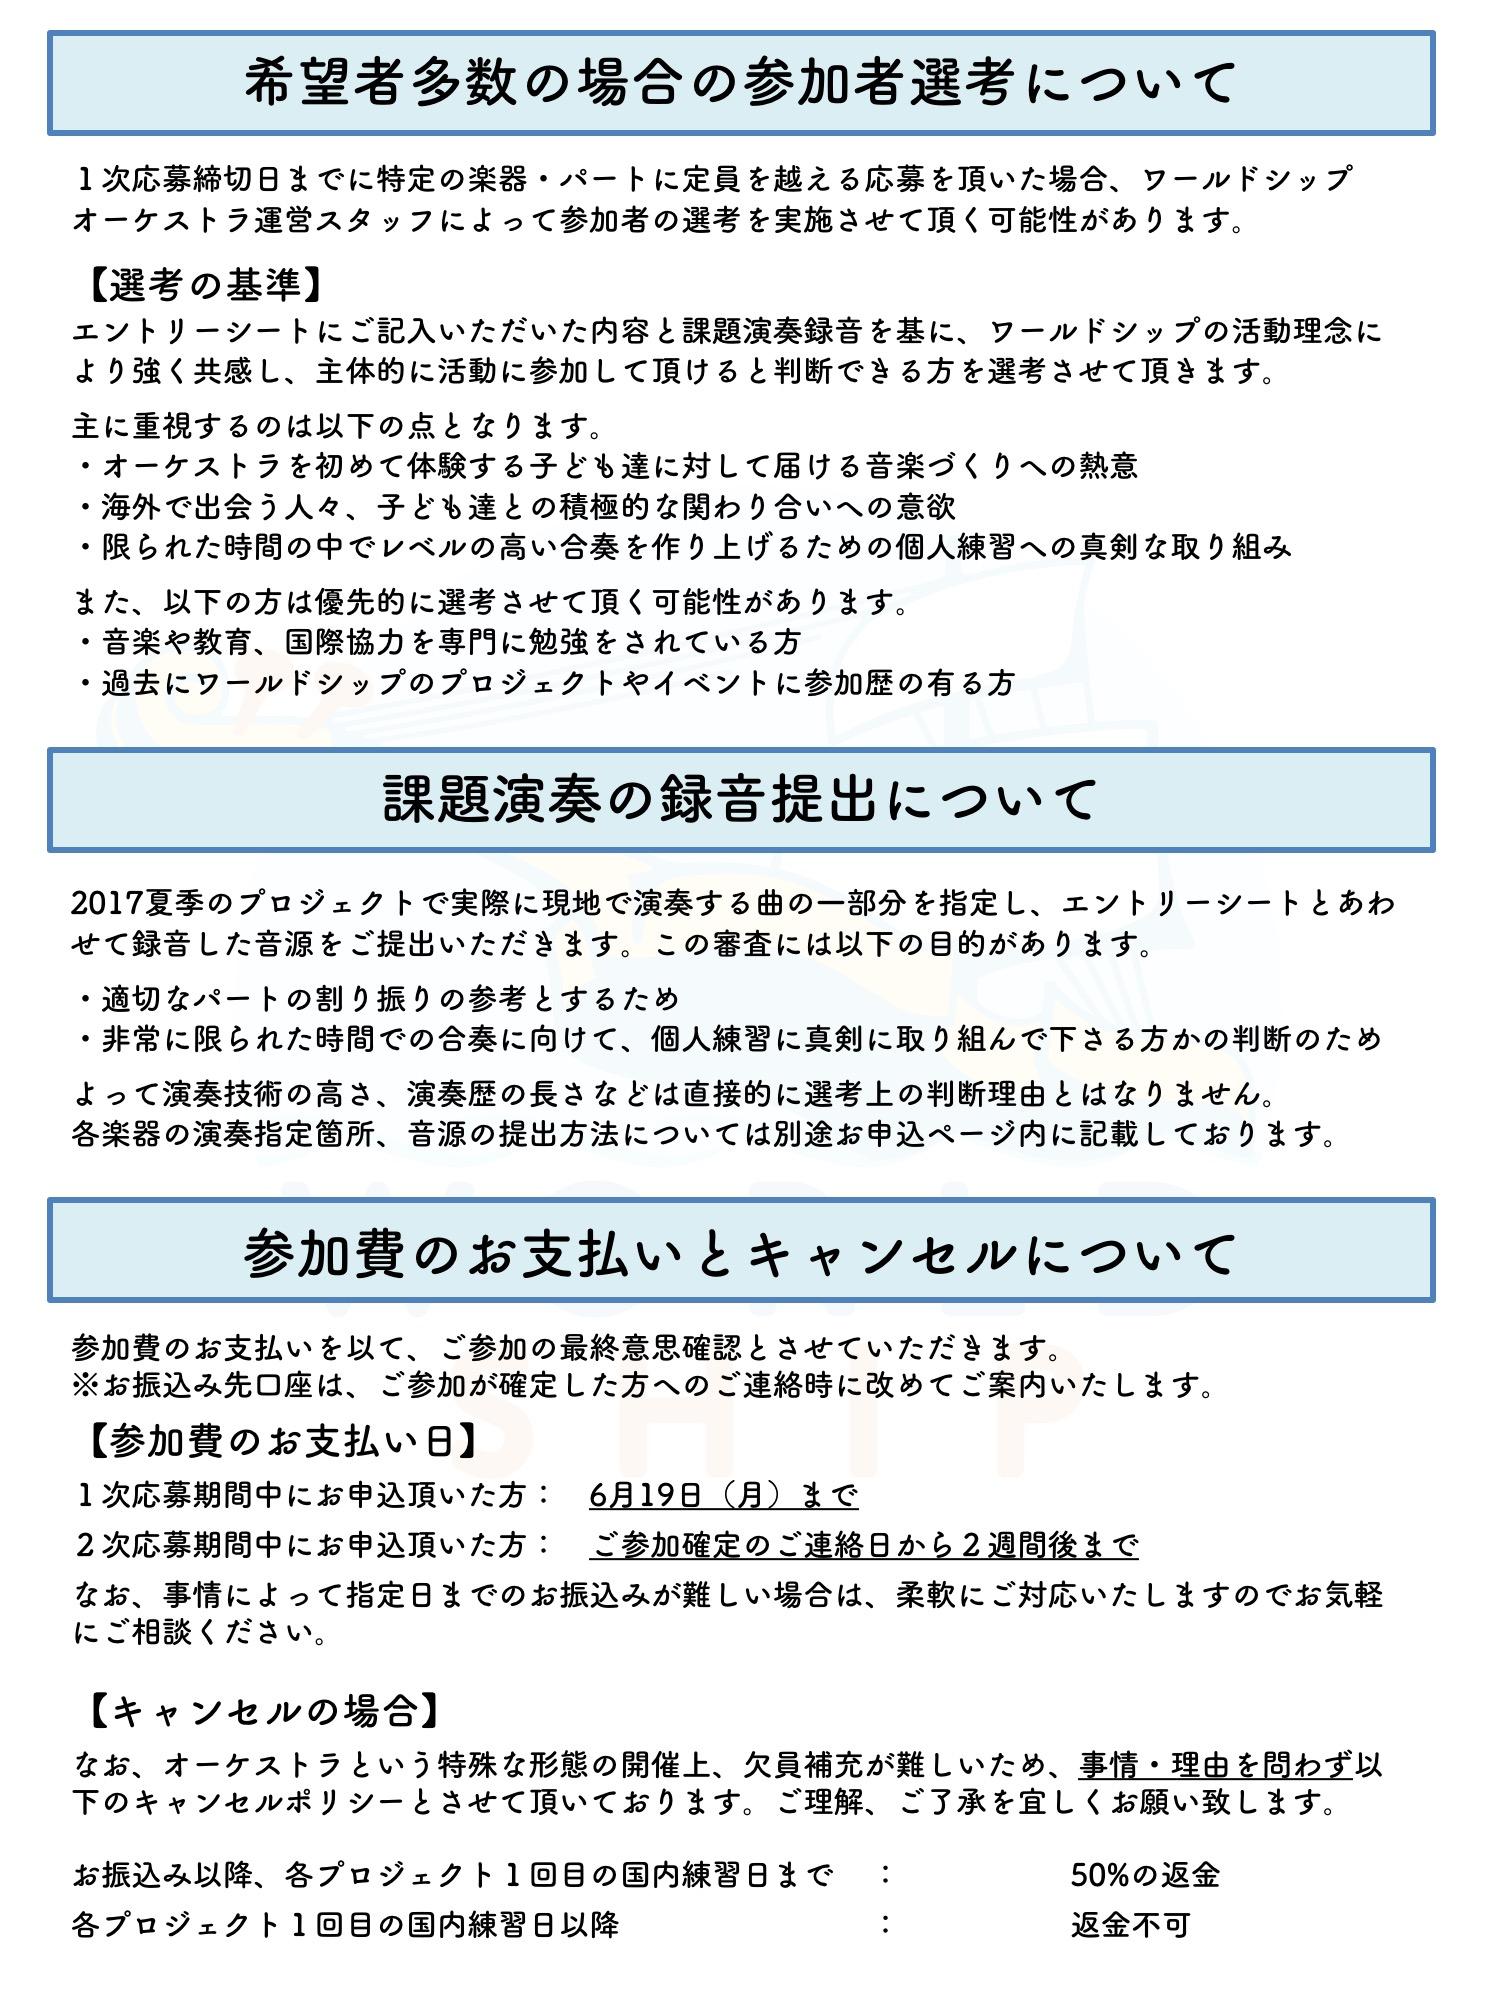 17夏_応募フロー_2rvsd2